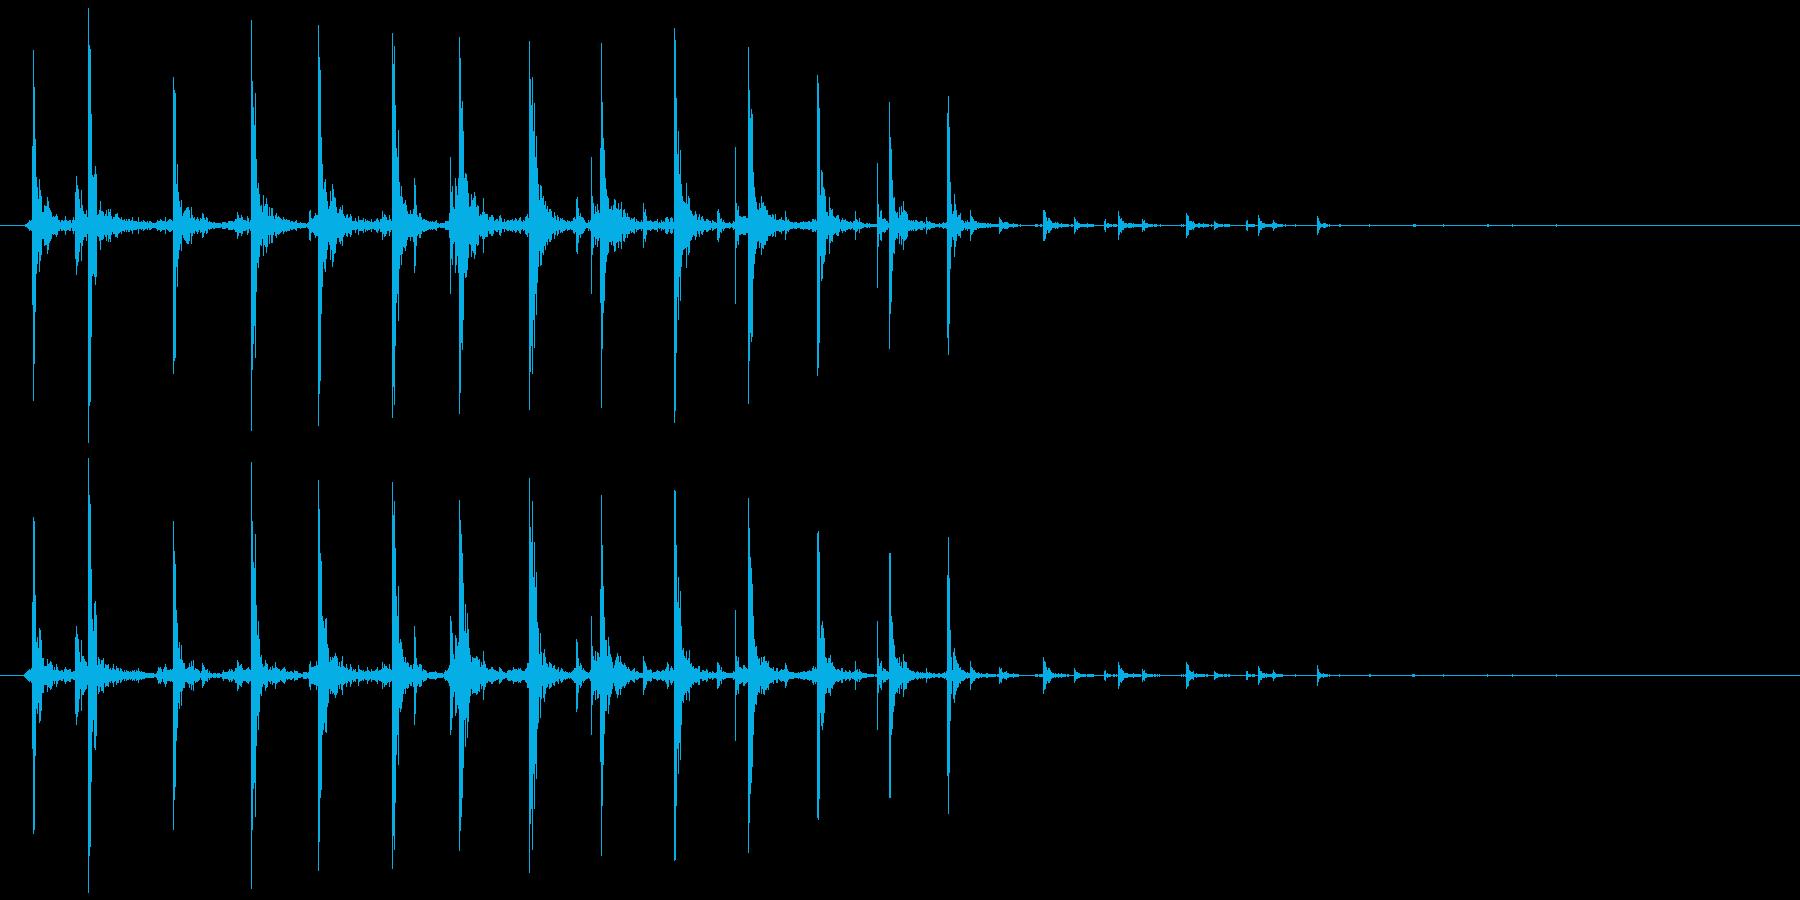 虫、モンスター等(動く鳴く)カチカチ…の再生済みの波形